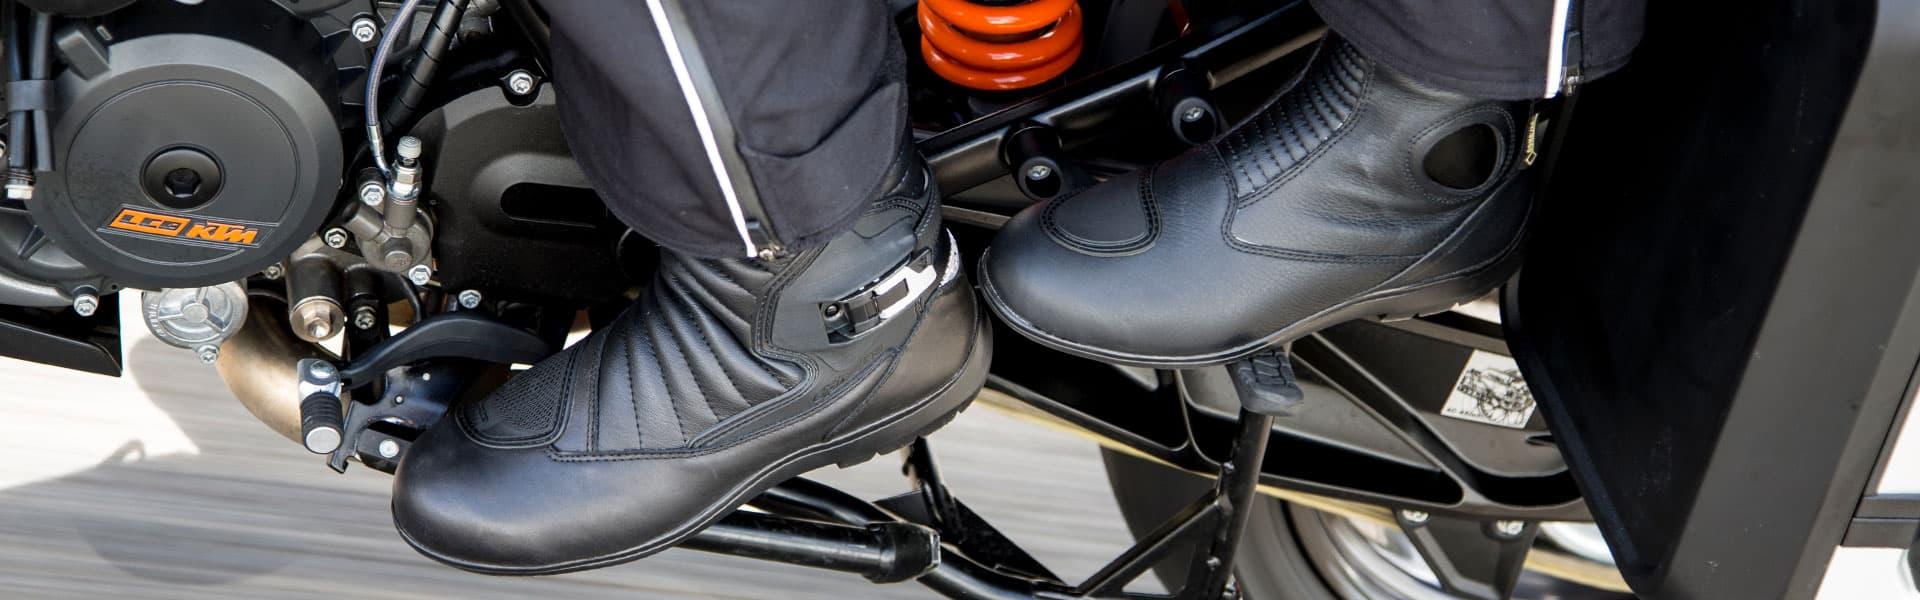 Comment choisir ses bottes moto ?